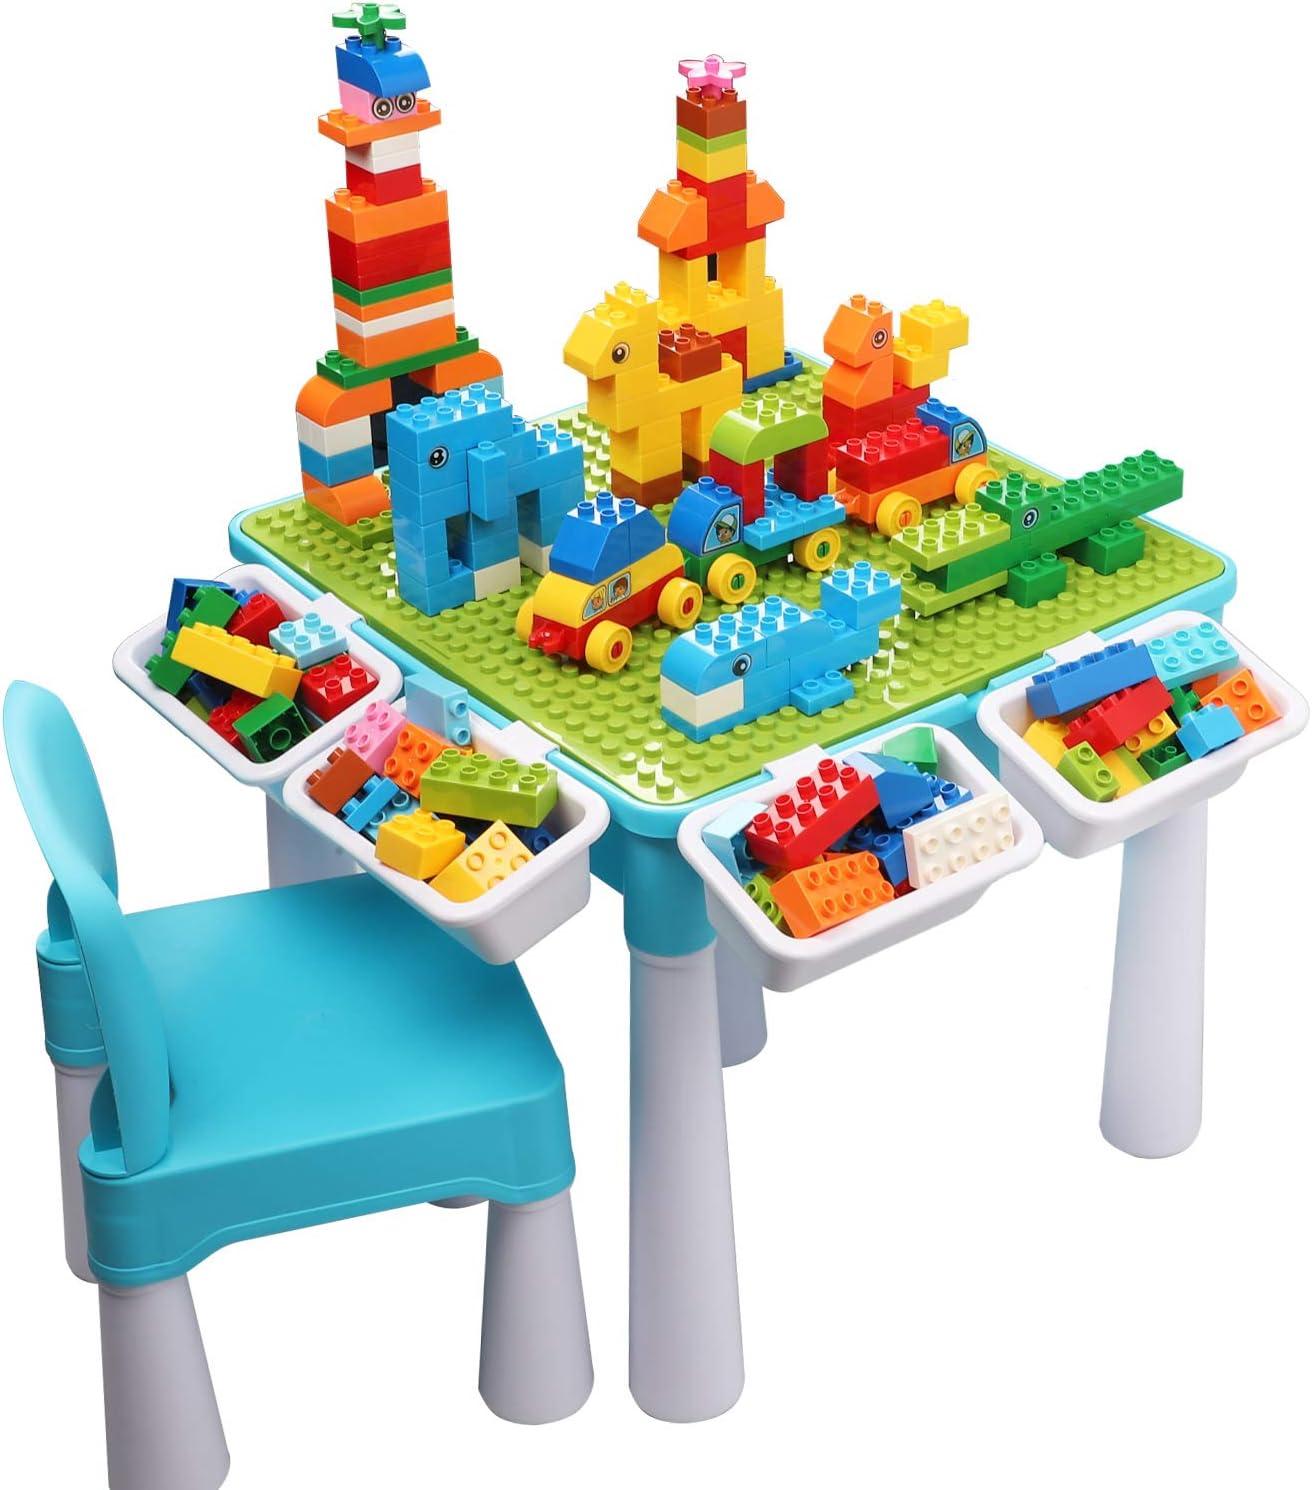 burgkidz Juego de Mesa Actividades Construccion Múltiples 5 en 1, Mesa y Silla Infantil con Bloques de Construcción Grandes de 128 Piezas, Juegos de Construcción para Niños, Azul